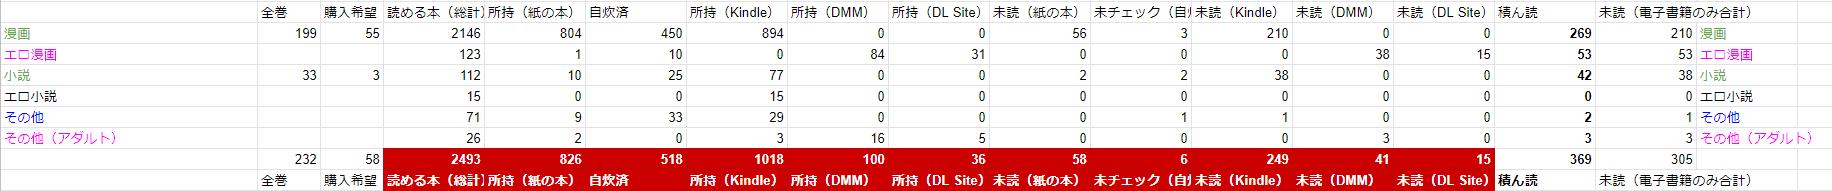 tsumibon-2020-9.png